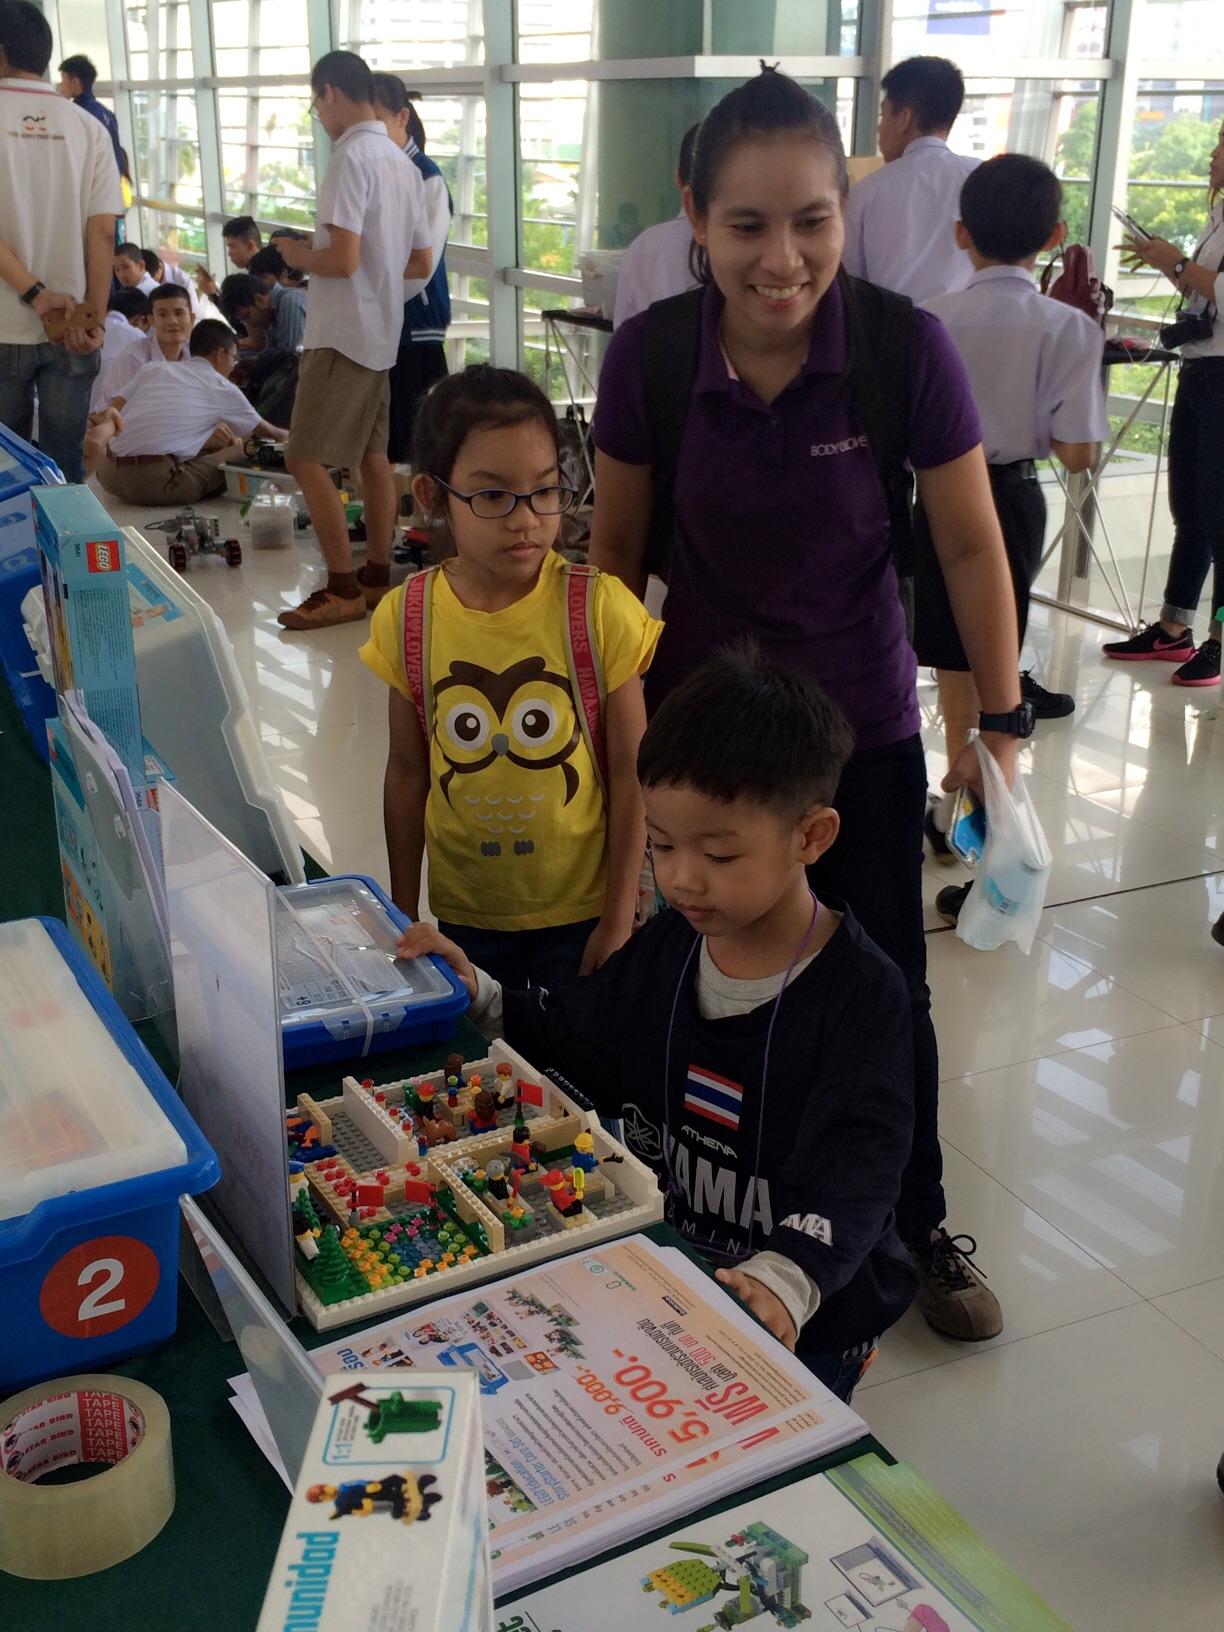 การแข่งขันหุ่นยนต์ยุวชนชิงแชมป์ประเทศไทย ครั้งที่ 5 ชิงถ้วยพระราชทาน